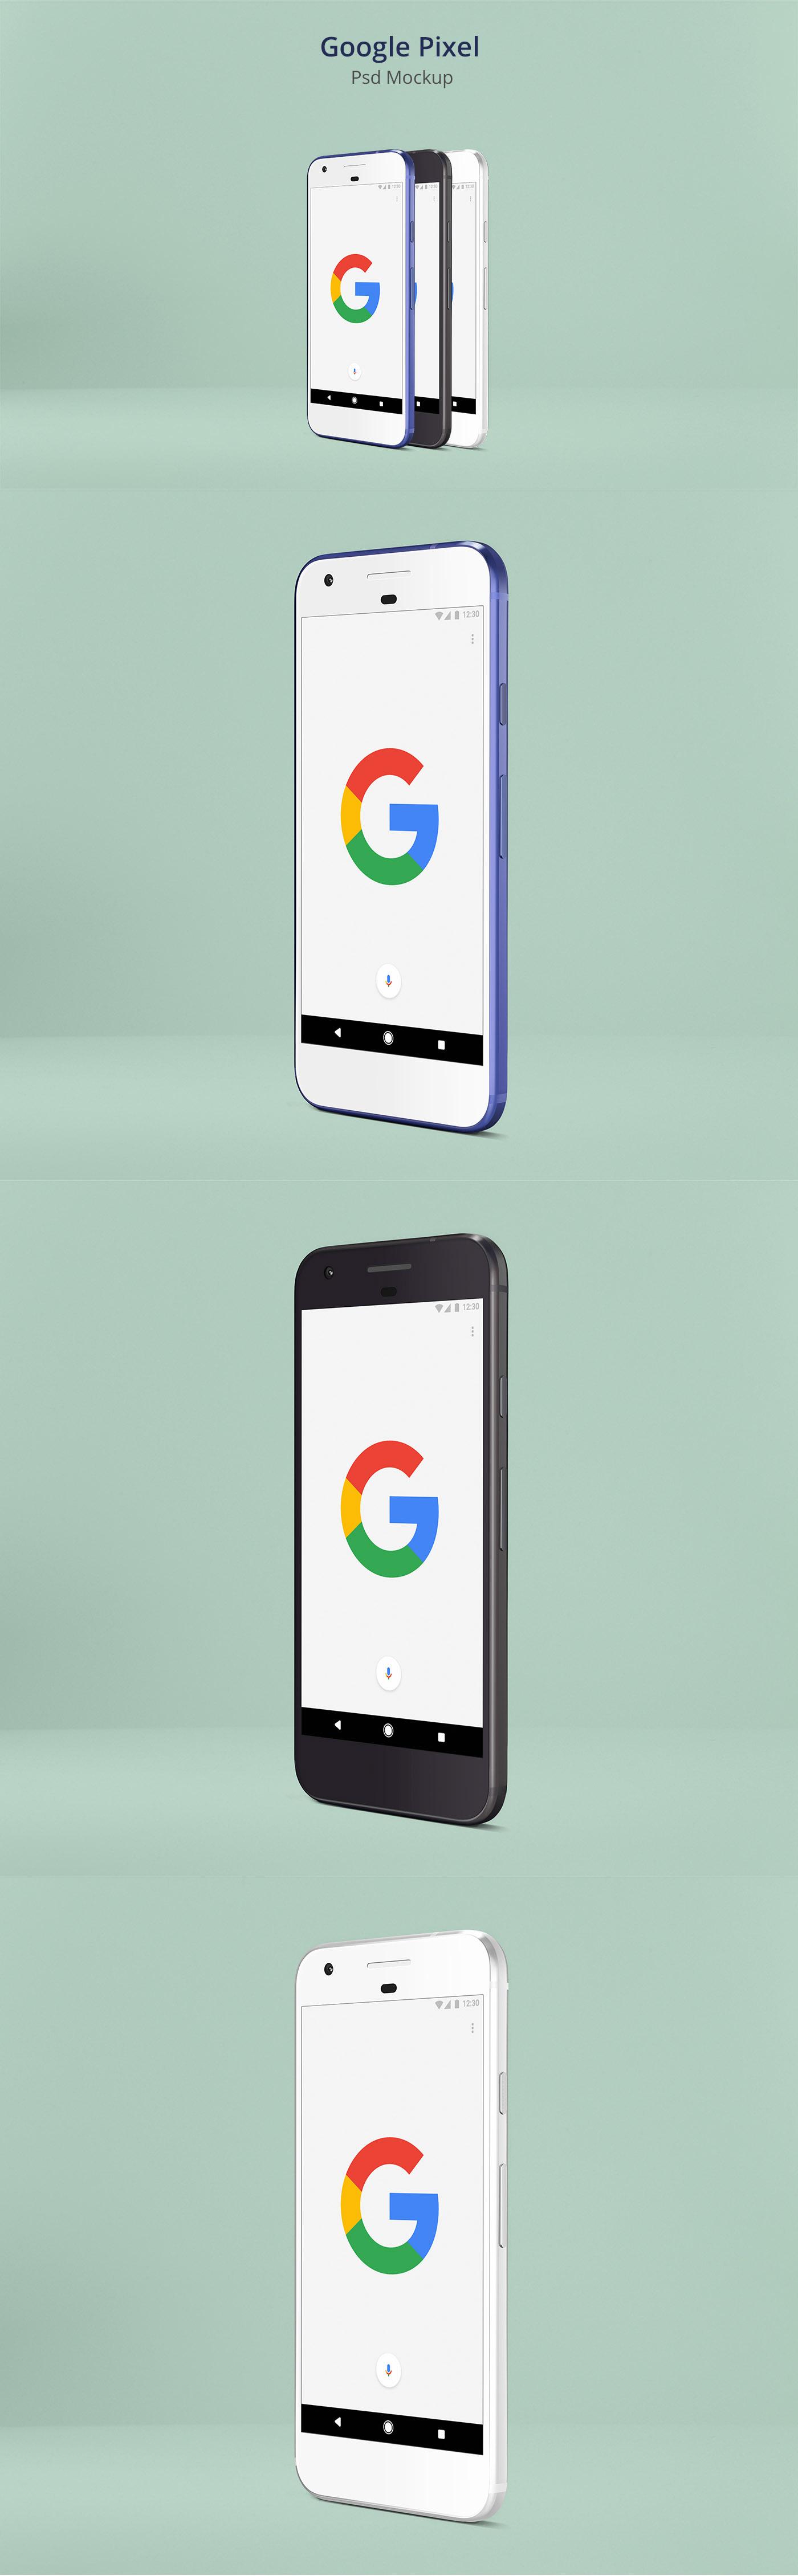 Google Pixel,Pixel Psd,Phone by Google,Pixel Psd Mockup,Free Mockuu,Google Pixel Mockup,Free Pixel Psd,Pixel HD